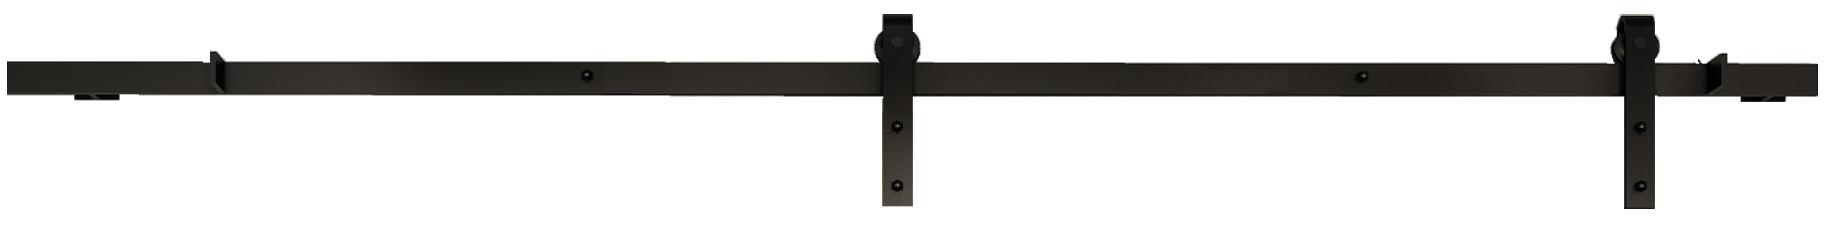 GPF schuifdeurrail in zwart